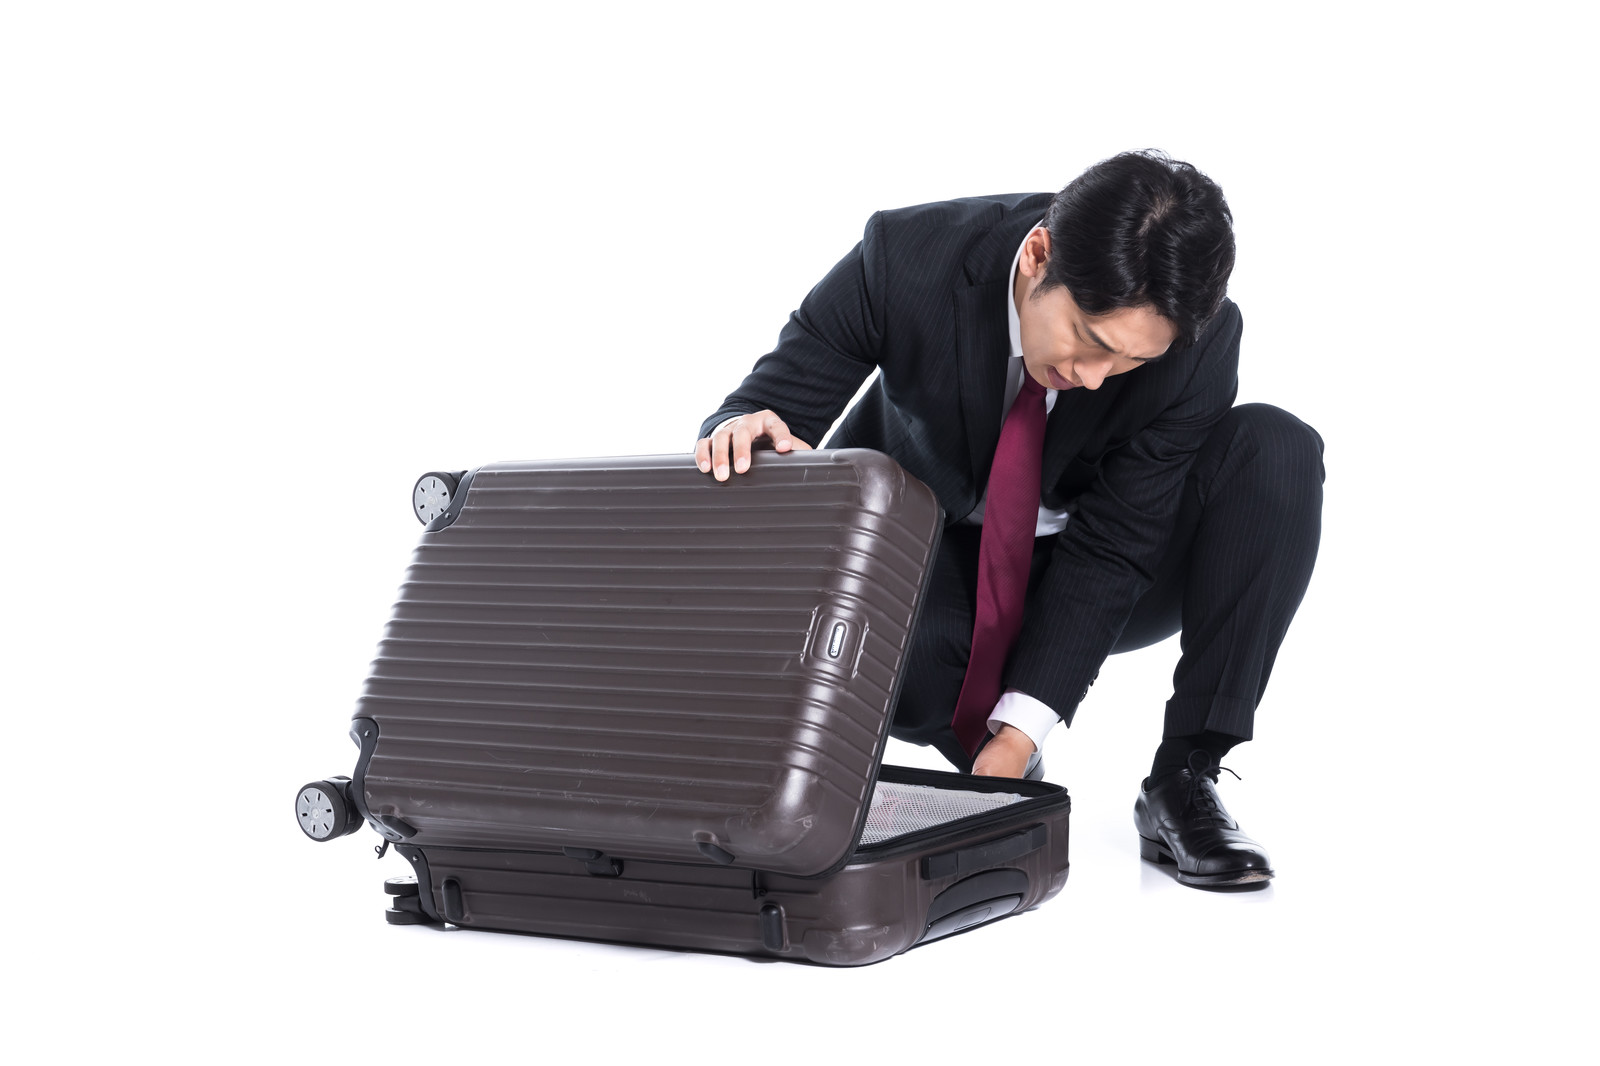 「スーツケースに荷物を詰め込むビジネスマン」の写真[モデル:大川竜弥]